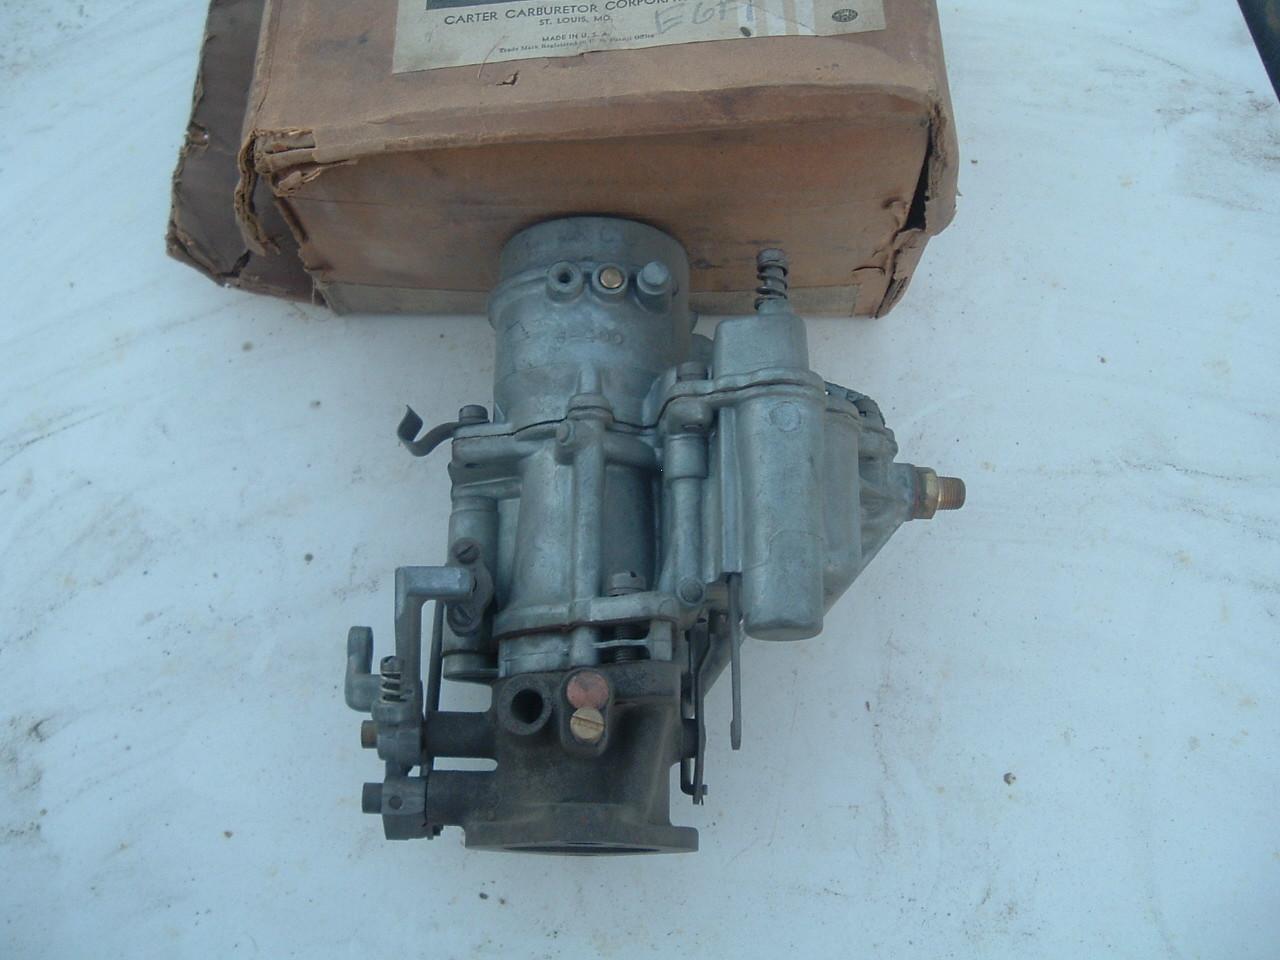 1935 chrysler 1 barrel carburetor carter Ball & Ball E6F1 (z e6f1)